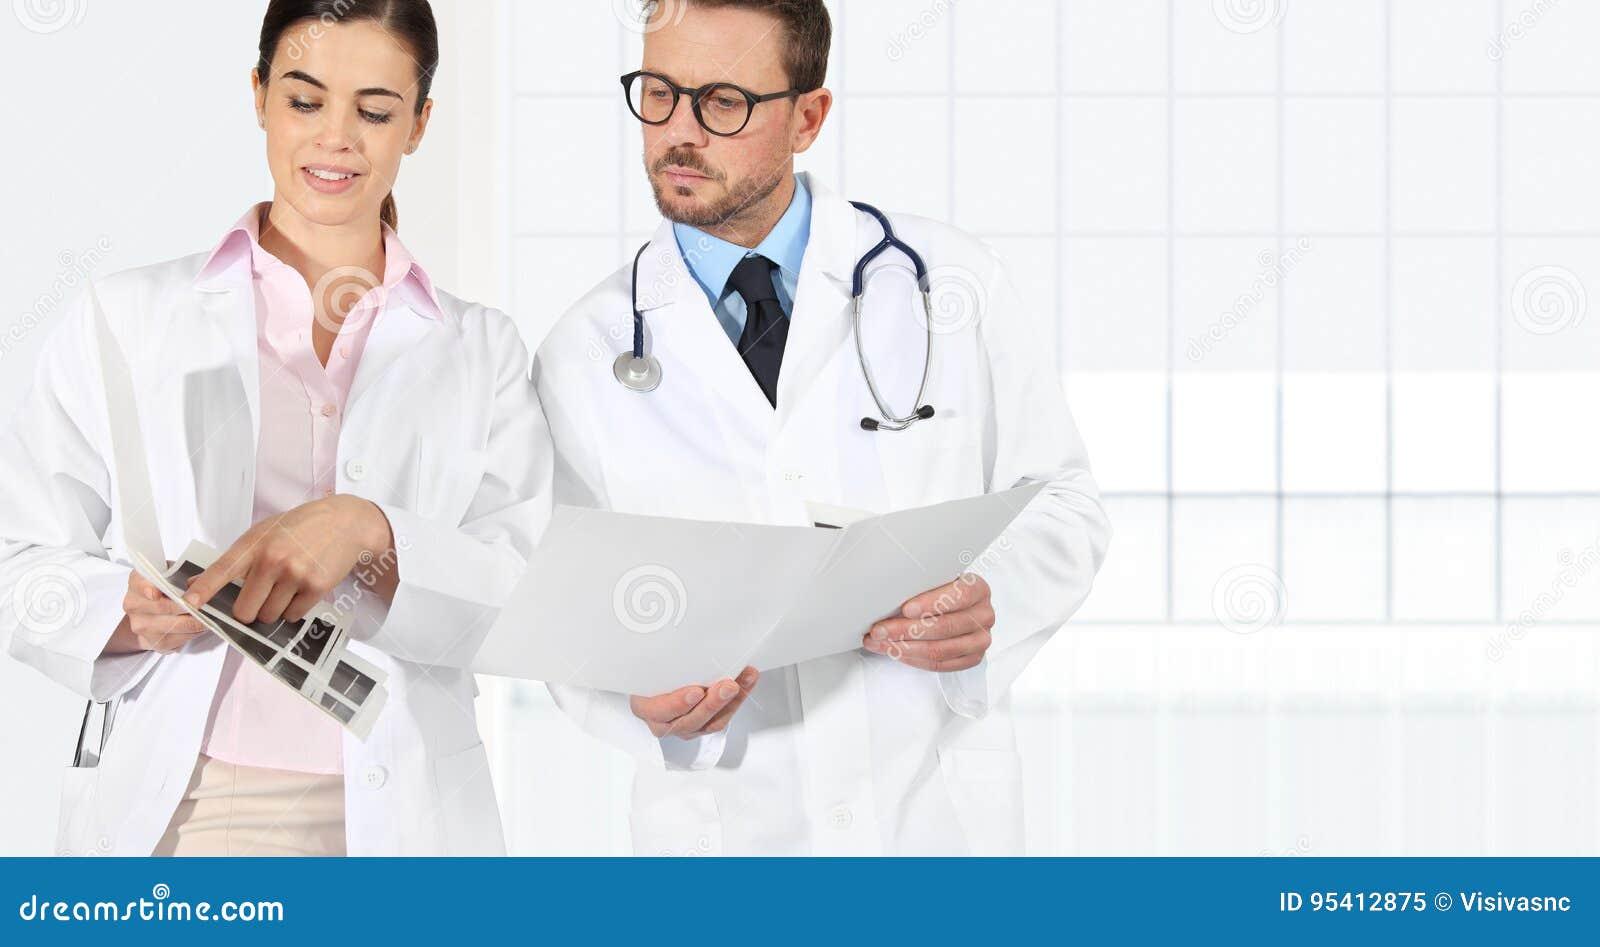 Medici con le cartelle sanitarie, concetto di consulto